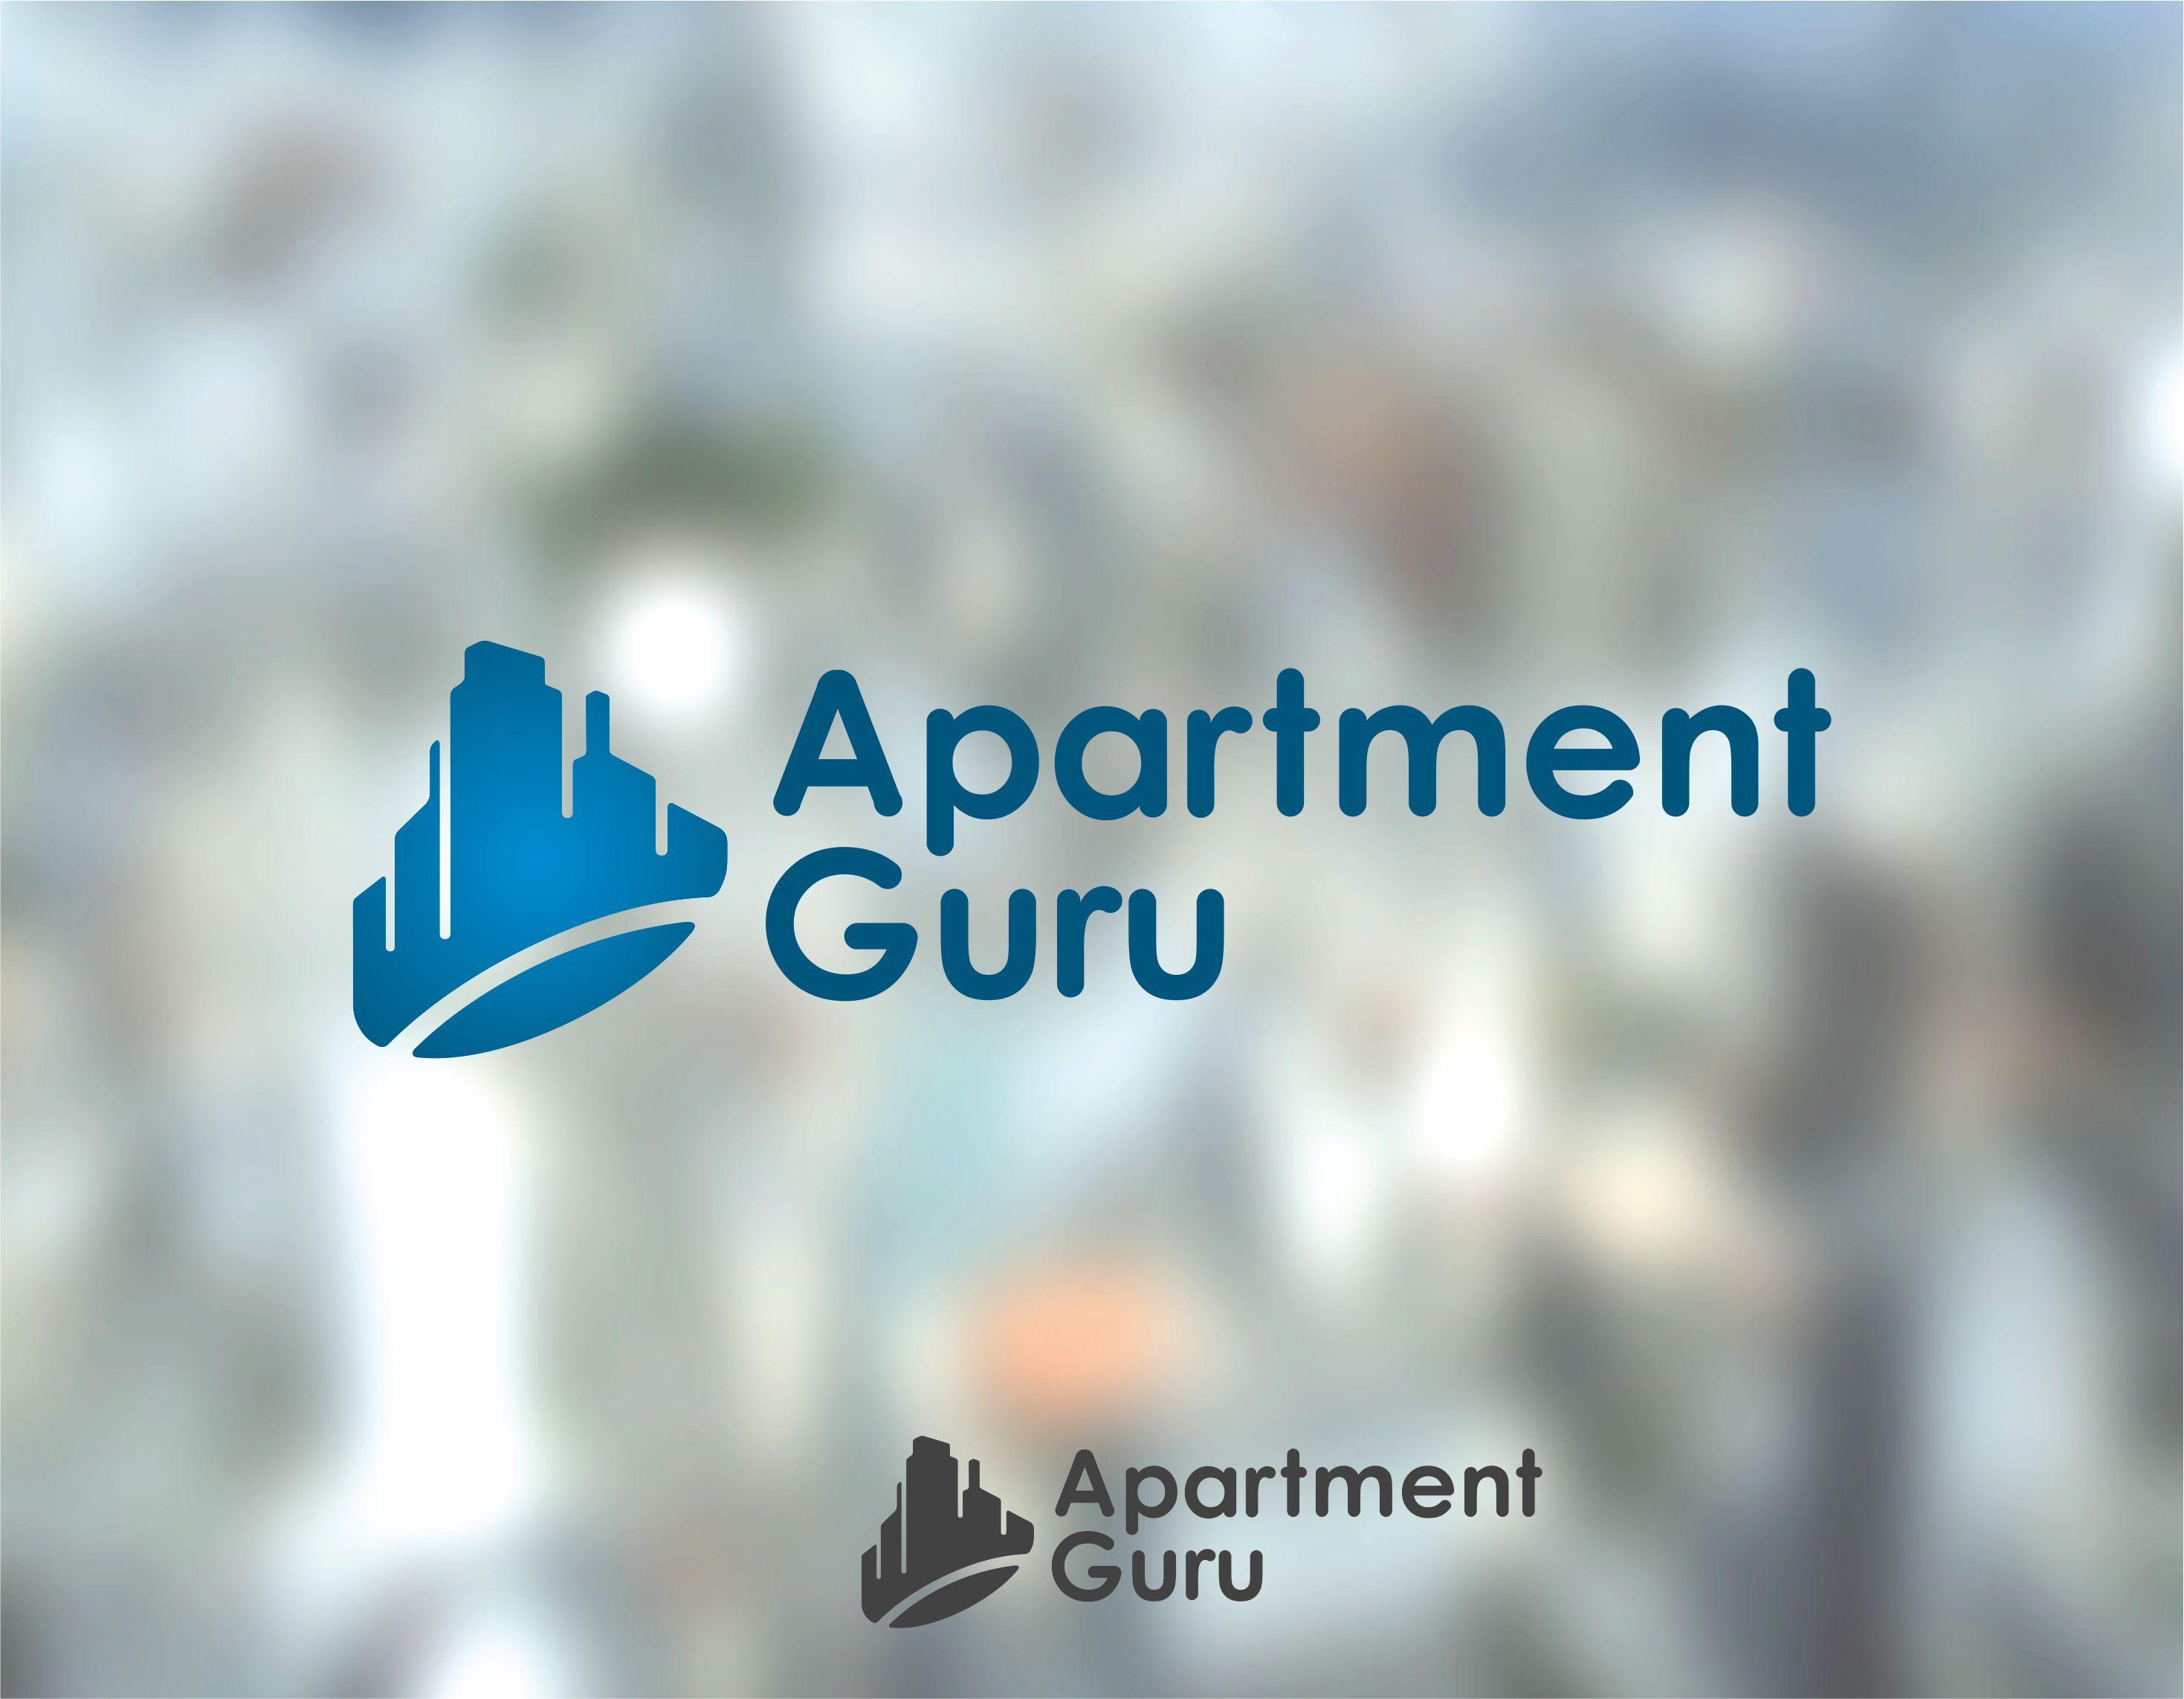 Дизайн логотипа сайта apartment guru - дизайнер AAKuznetcov